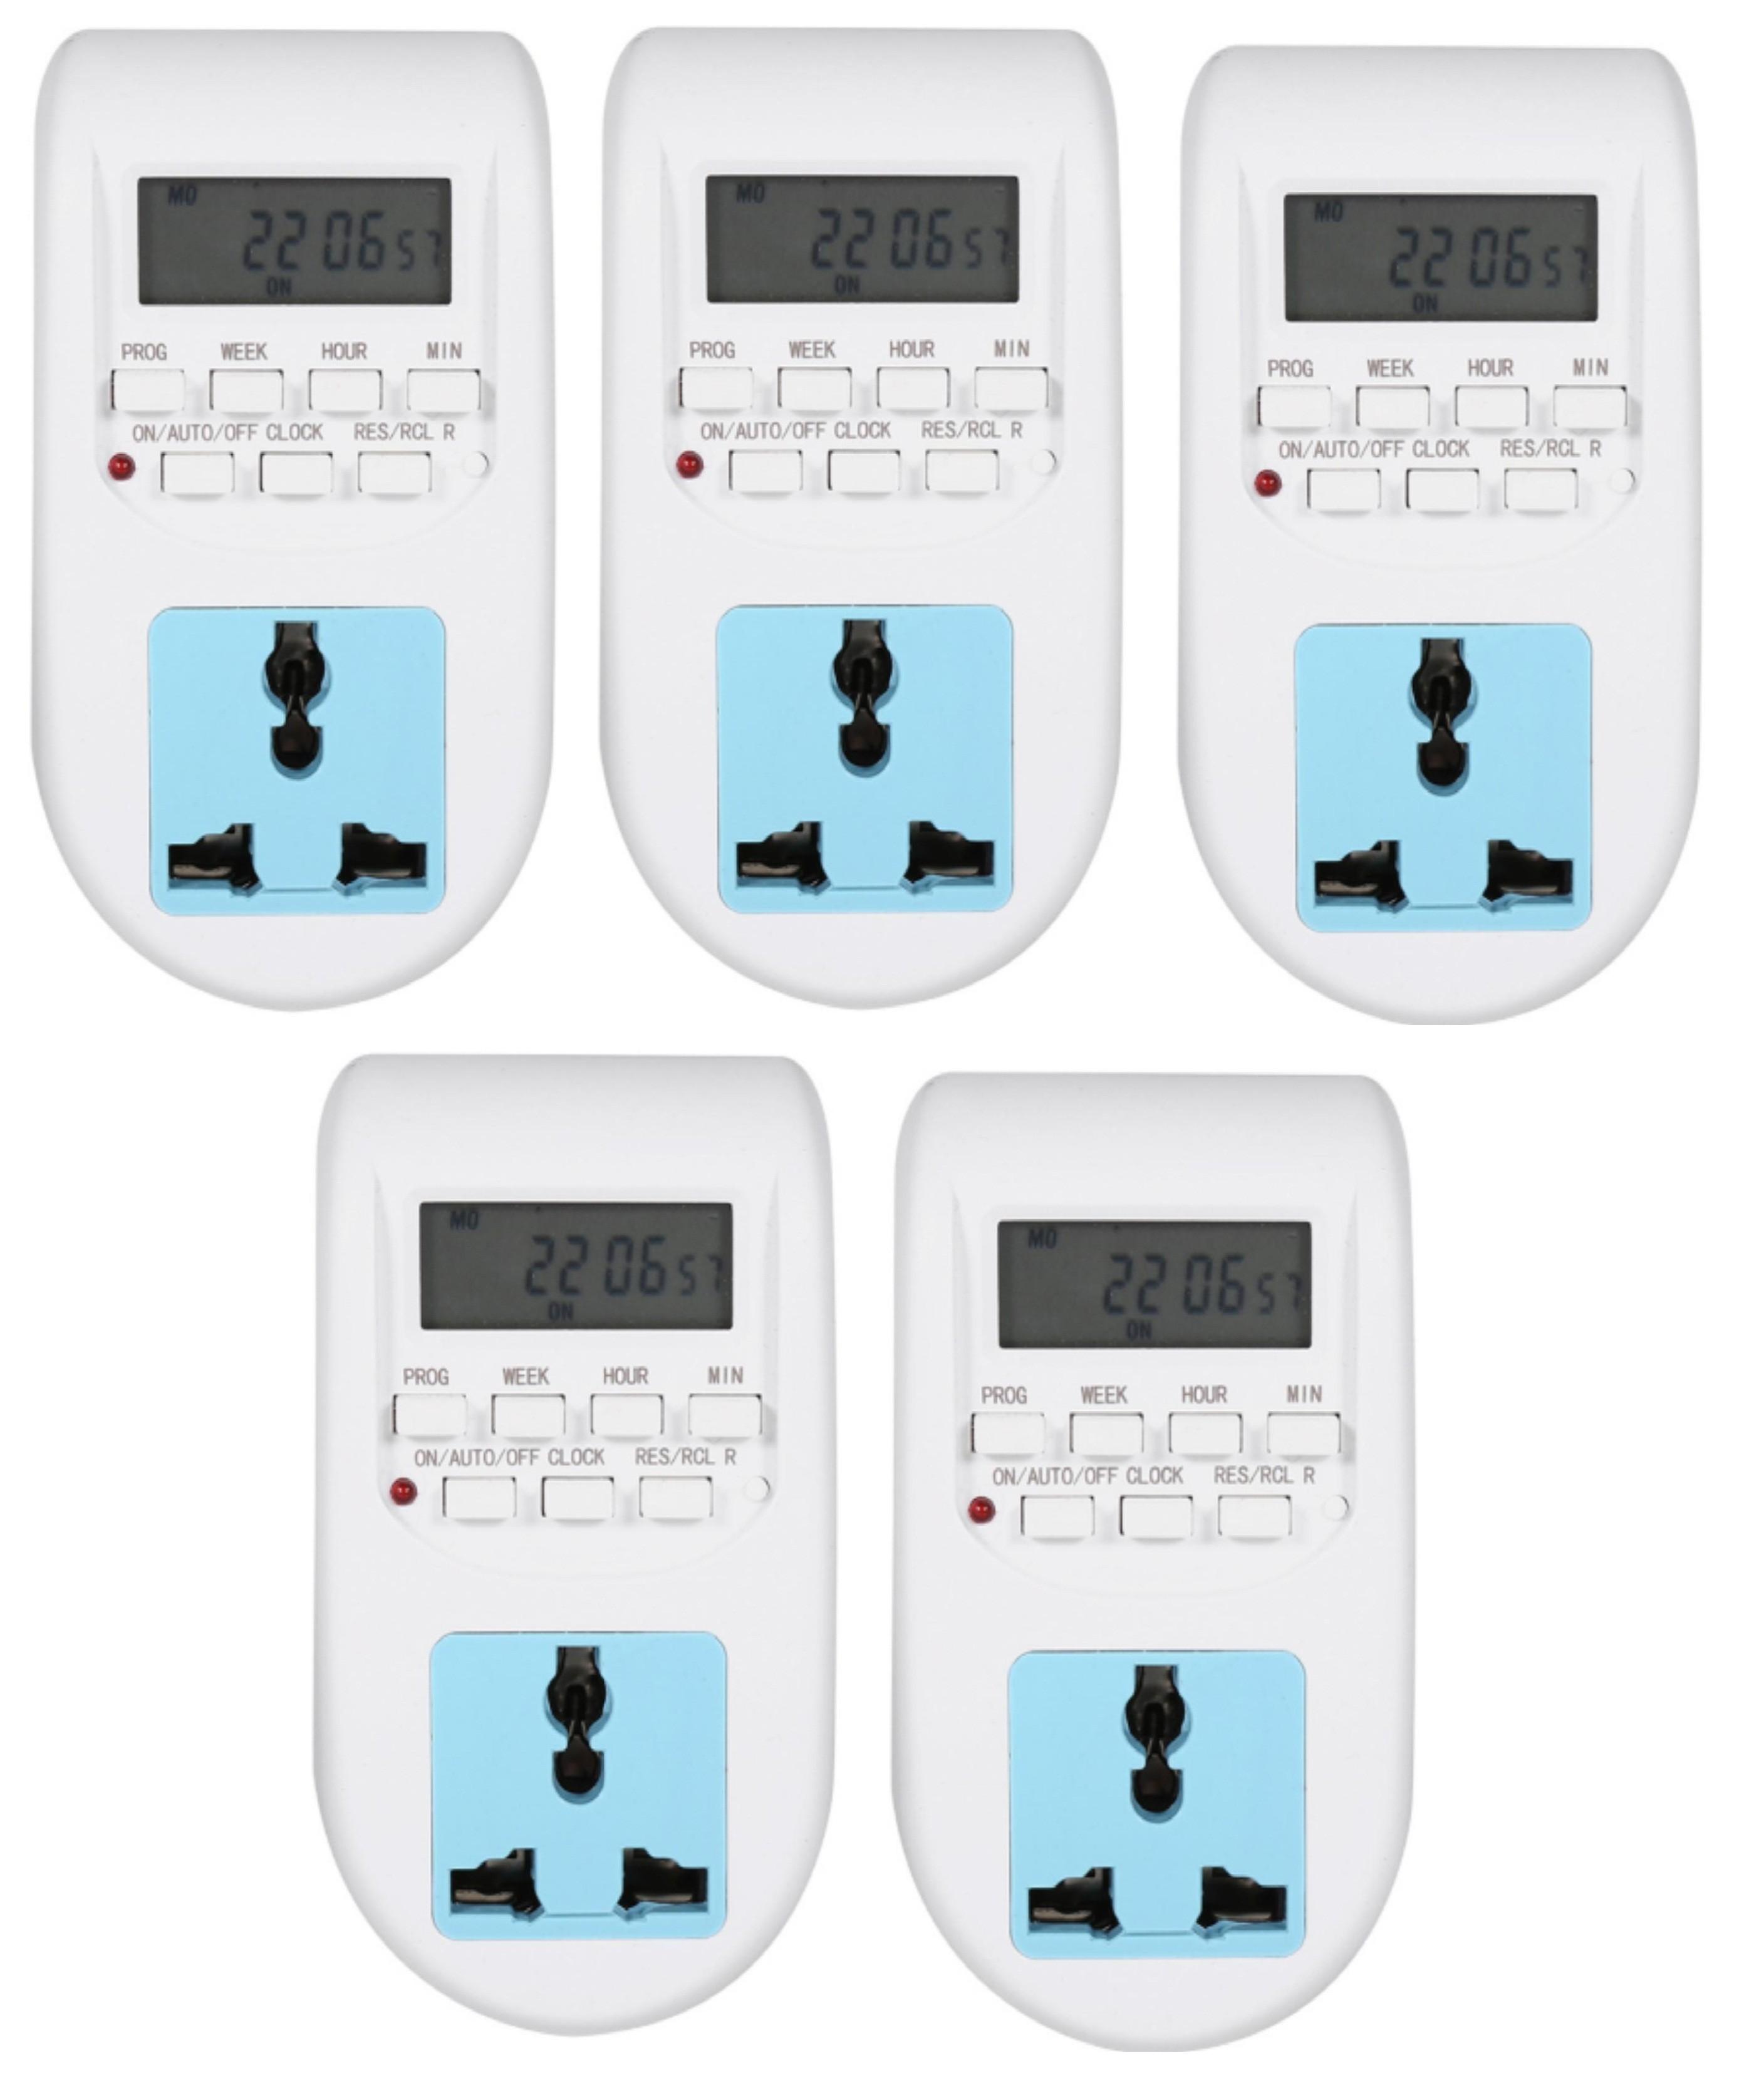 Bộ 5 Ổ cắm điện thông minh hẹn giờ tắt mở JA Model AL06 GamoShop, giá chỉ  475,000đ! Mua ngay kẻo hết!